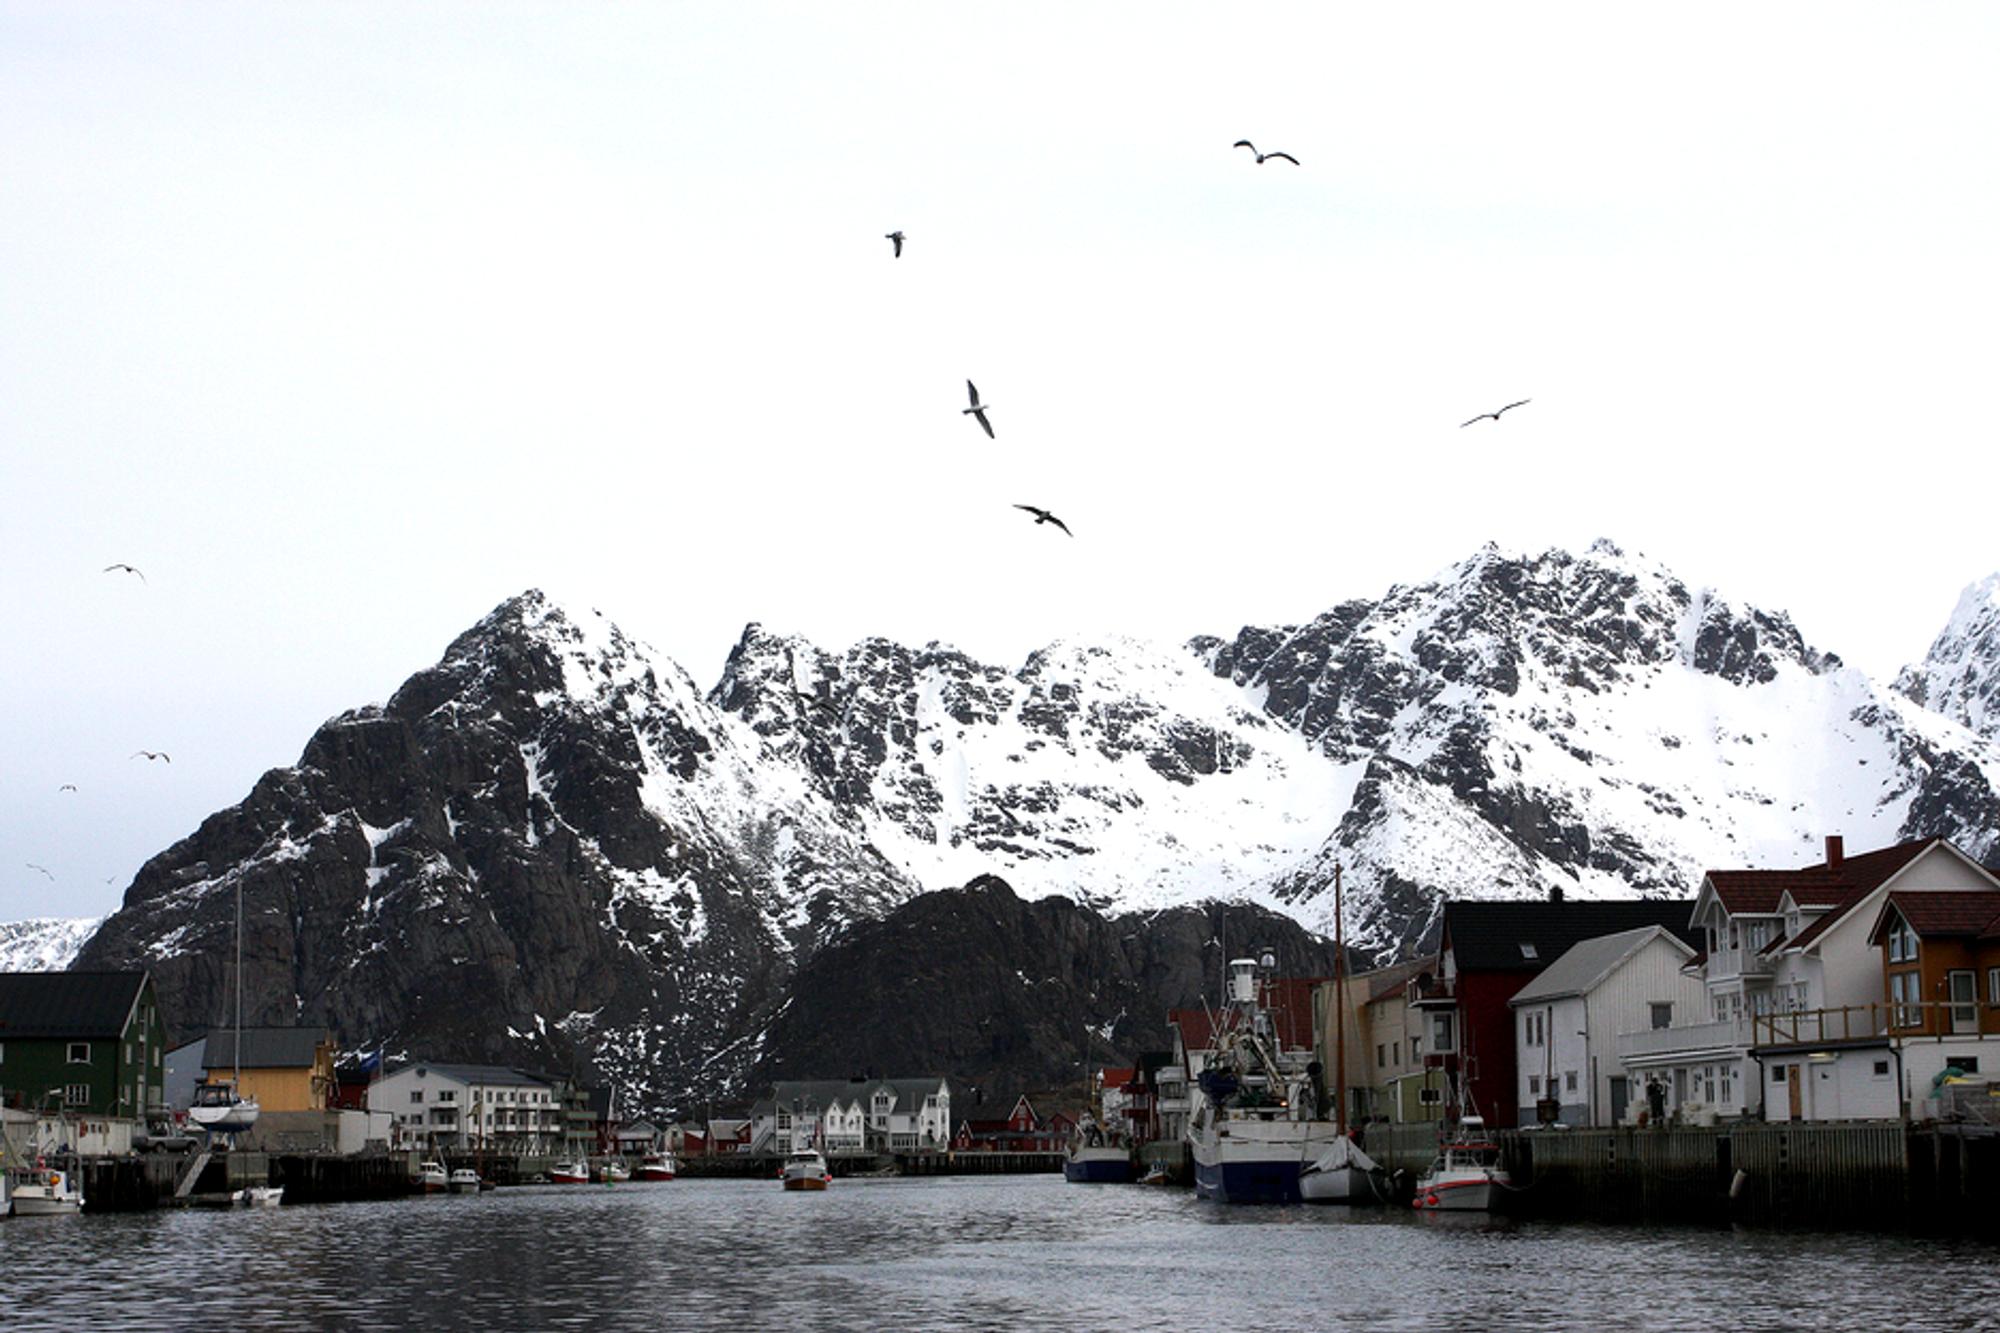 Seismikkskytingen utenfor Lofoten og Vesterålen er til pine for fisken, mener Fiskeridirektoratet, som vil ha en vernesone på 18 nautiske mil.